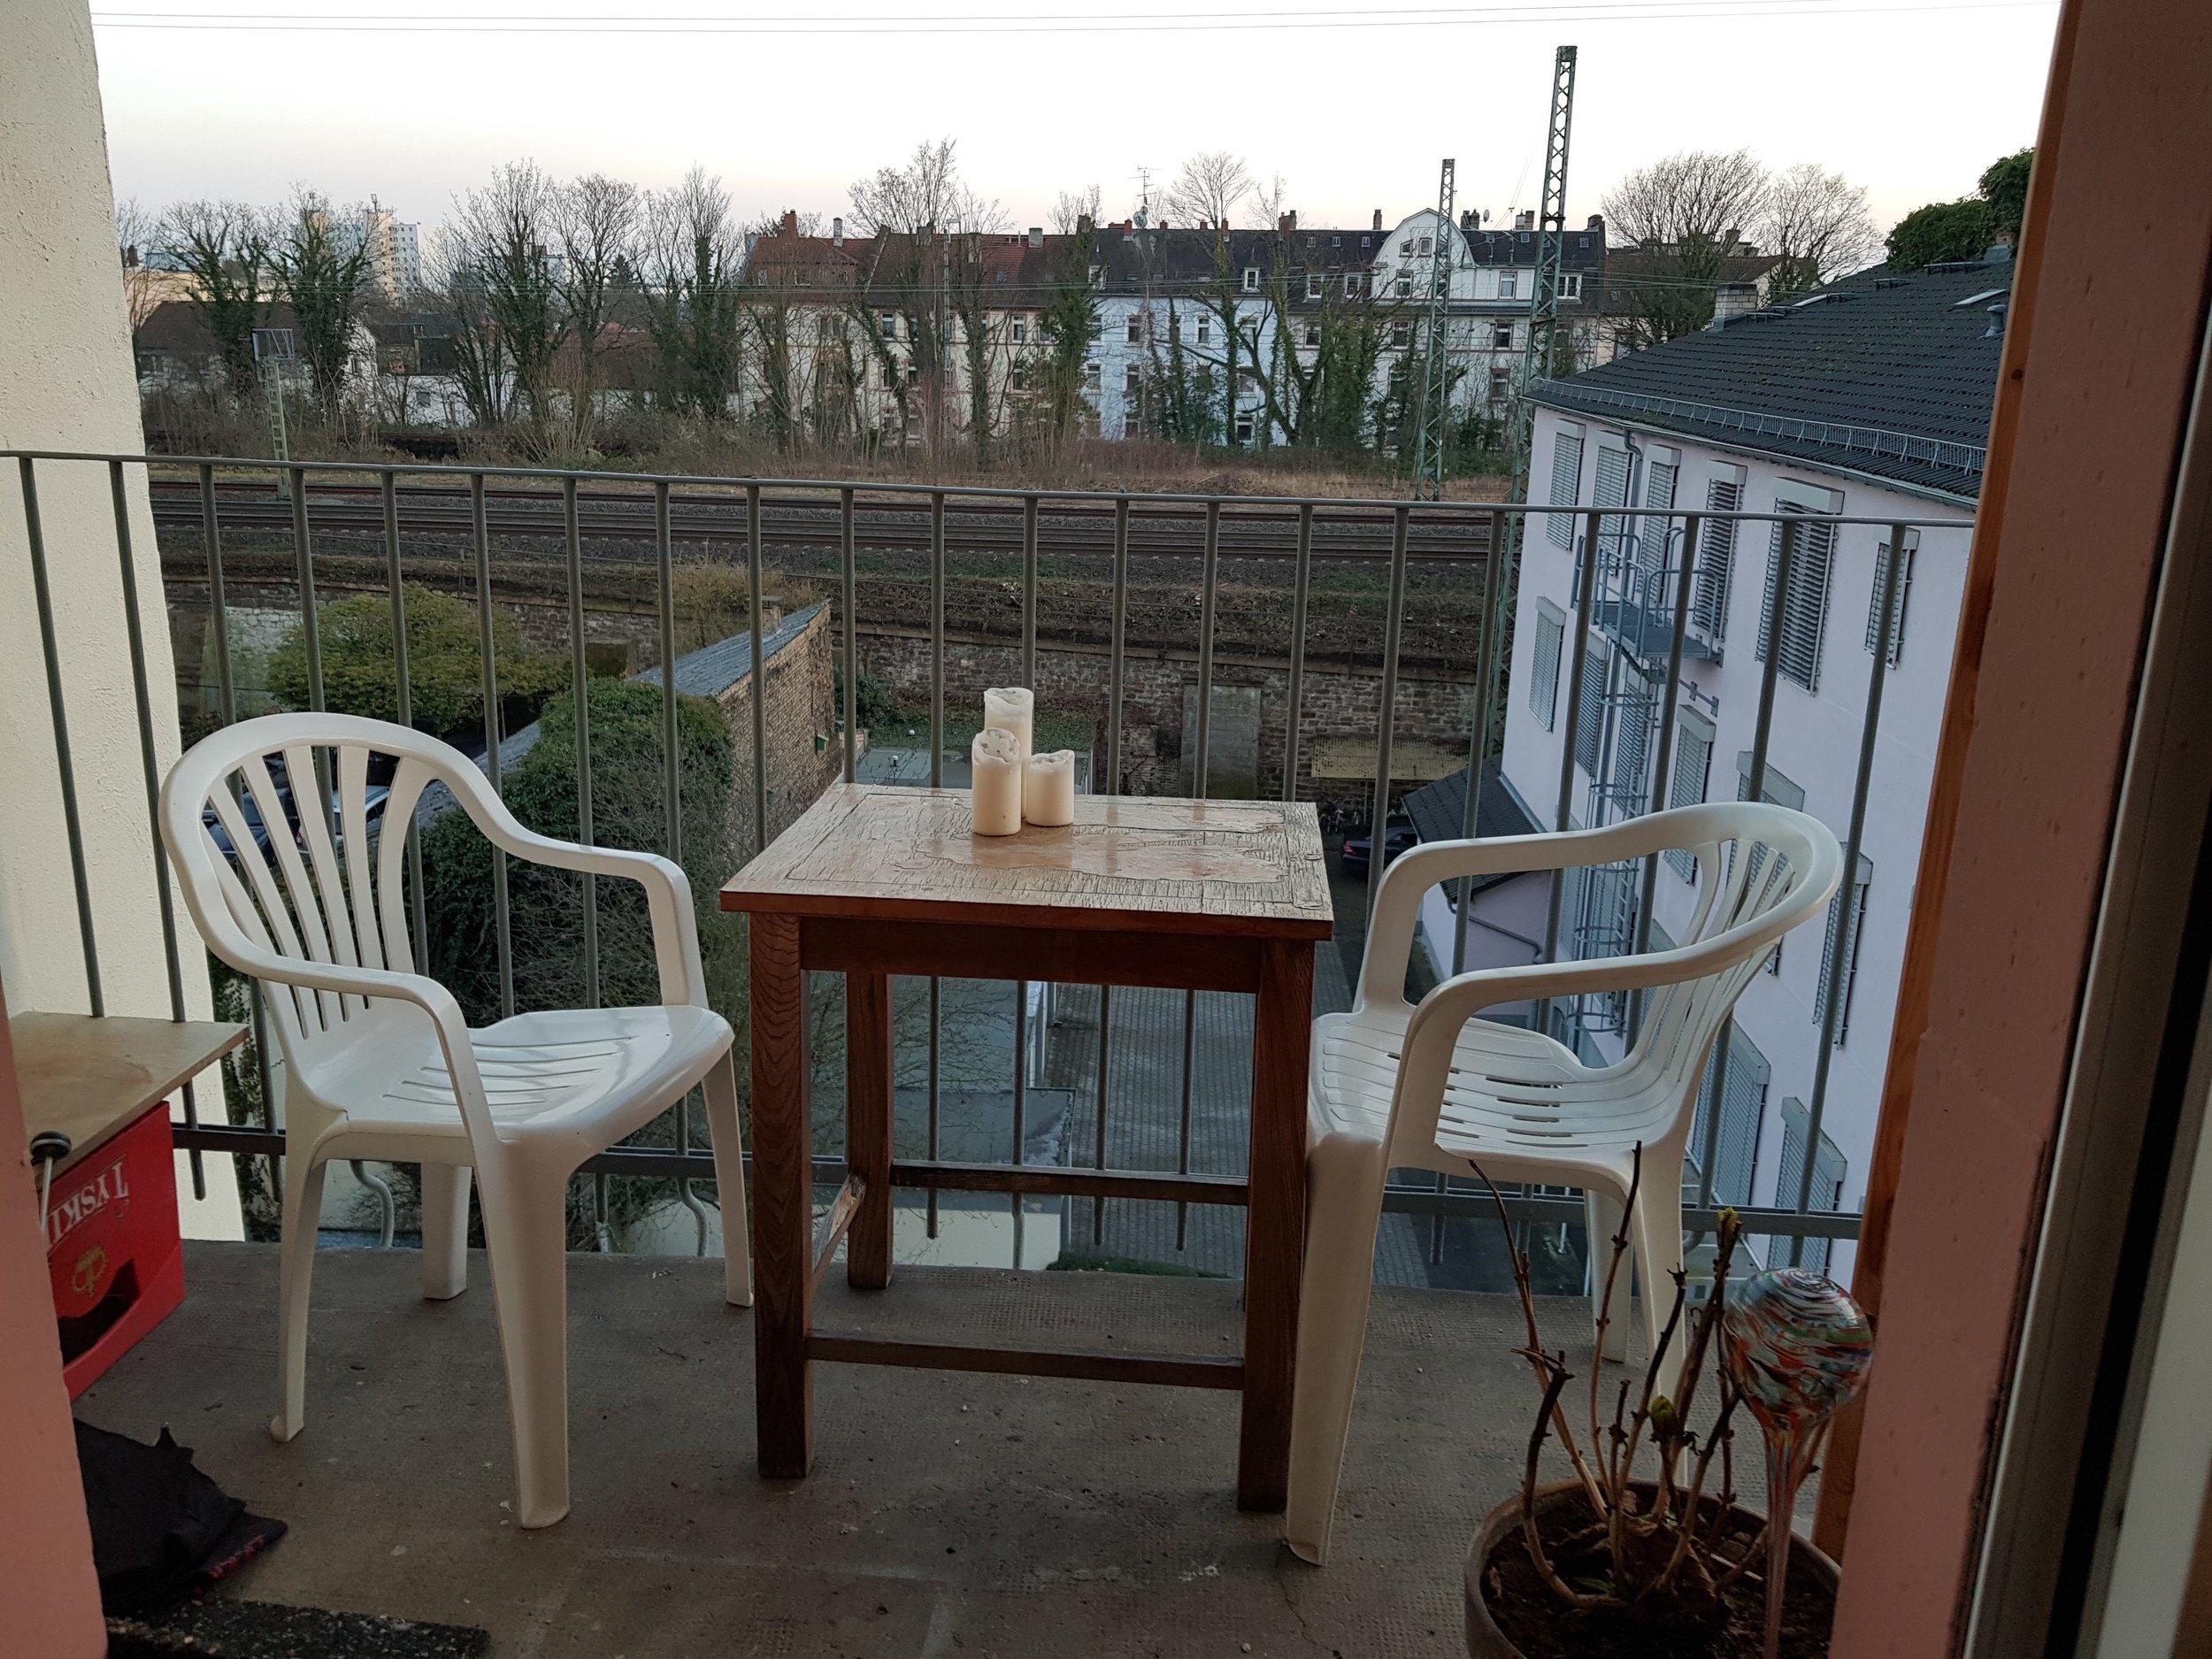 12 Qm Zimmer Balkon Fur Wochenendheimfahrer Vermittelt Of